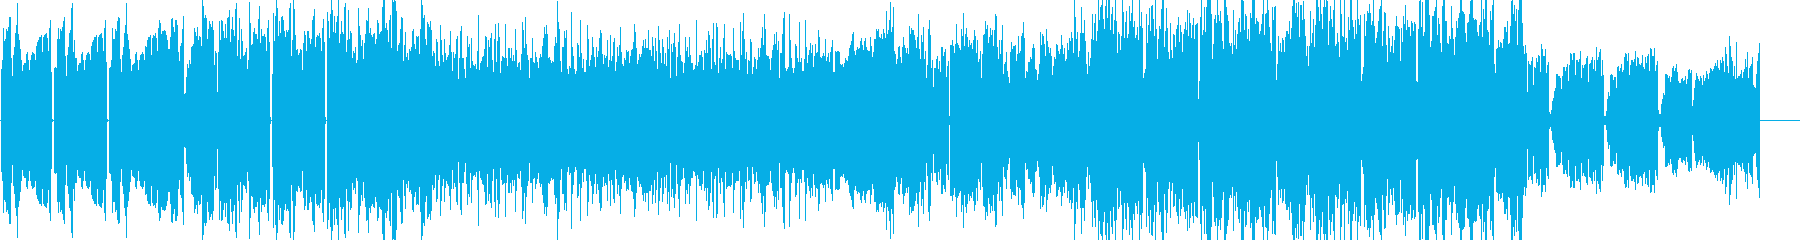 不穏感・浮遊感のあるチルアウトBGMの再生済みの波形